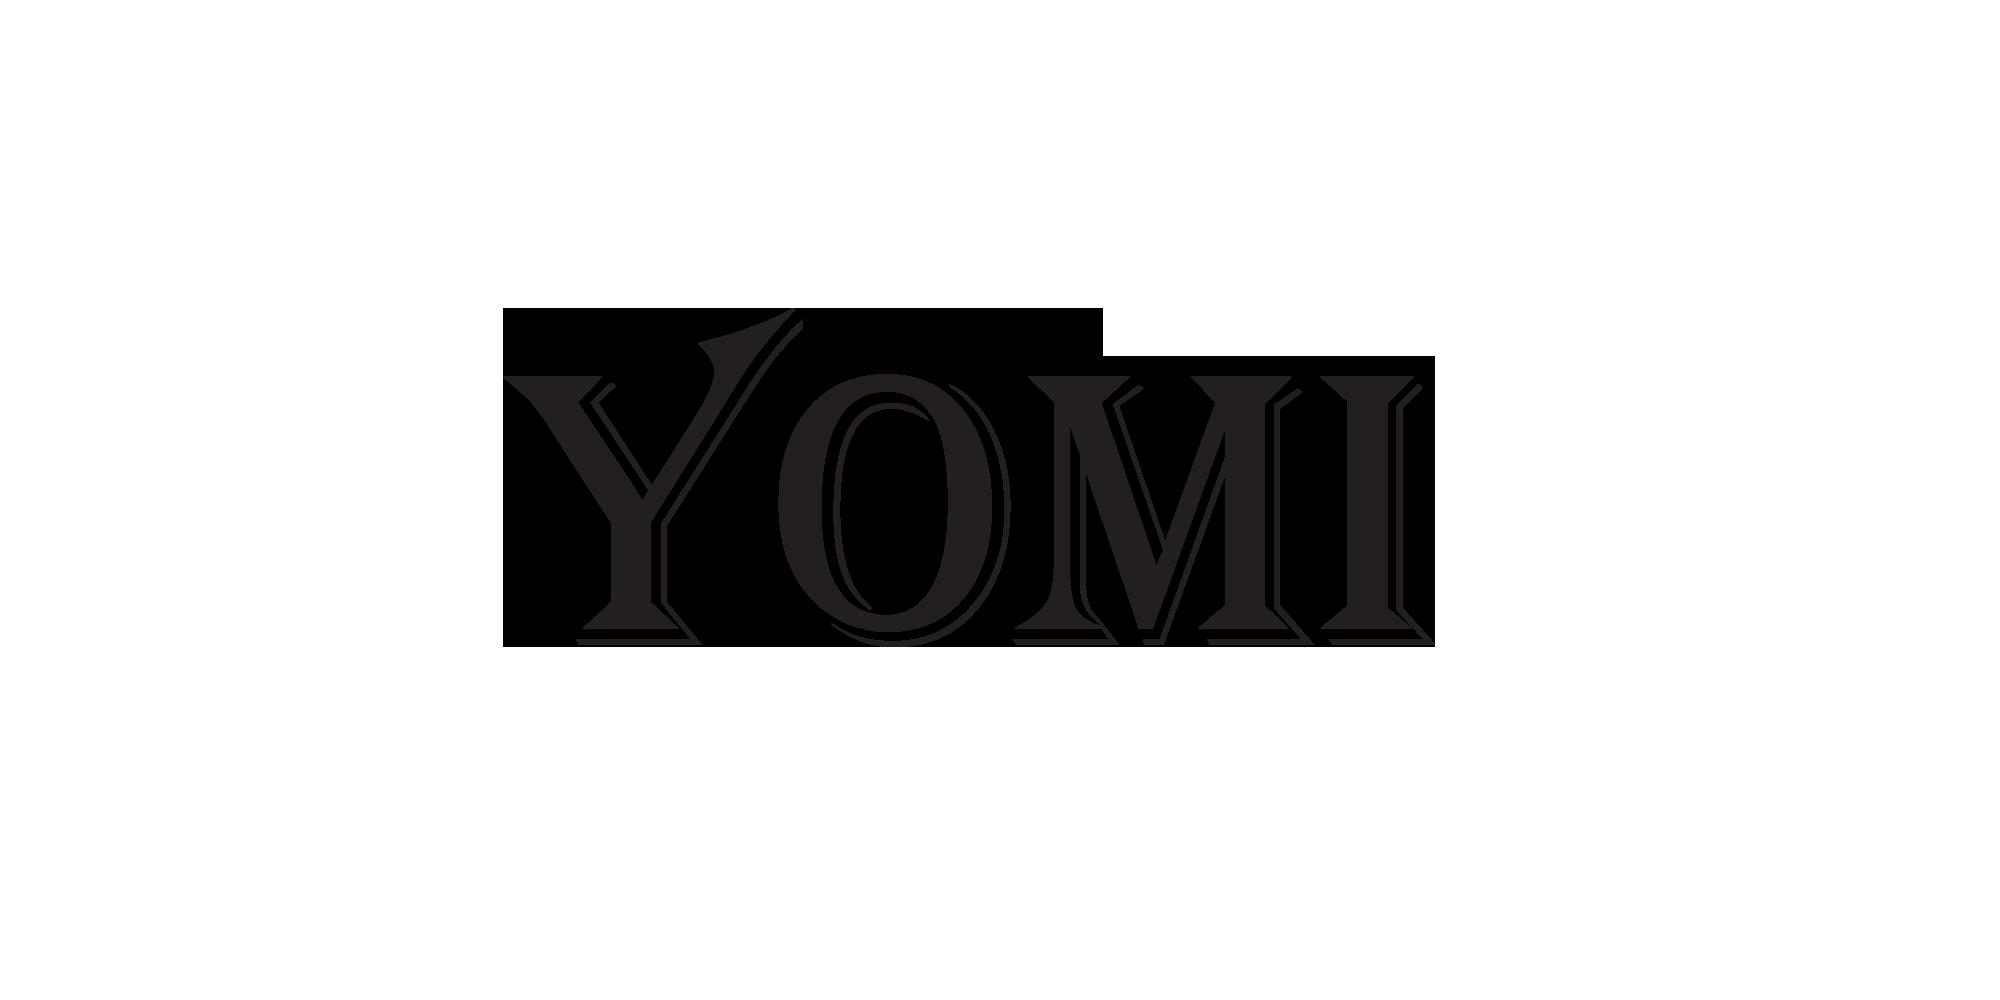 Yomi logo